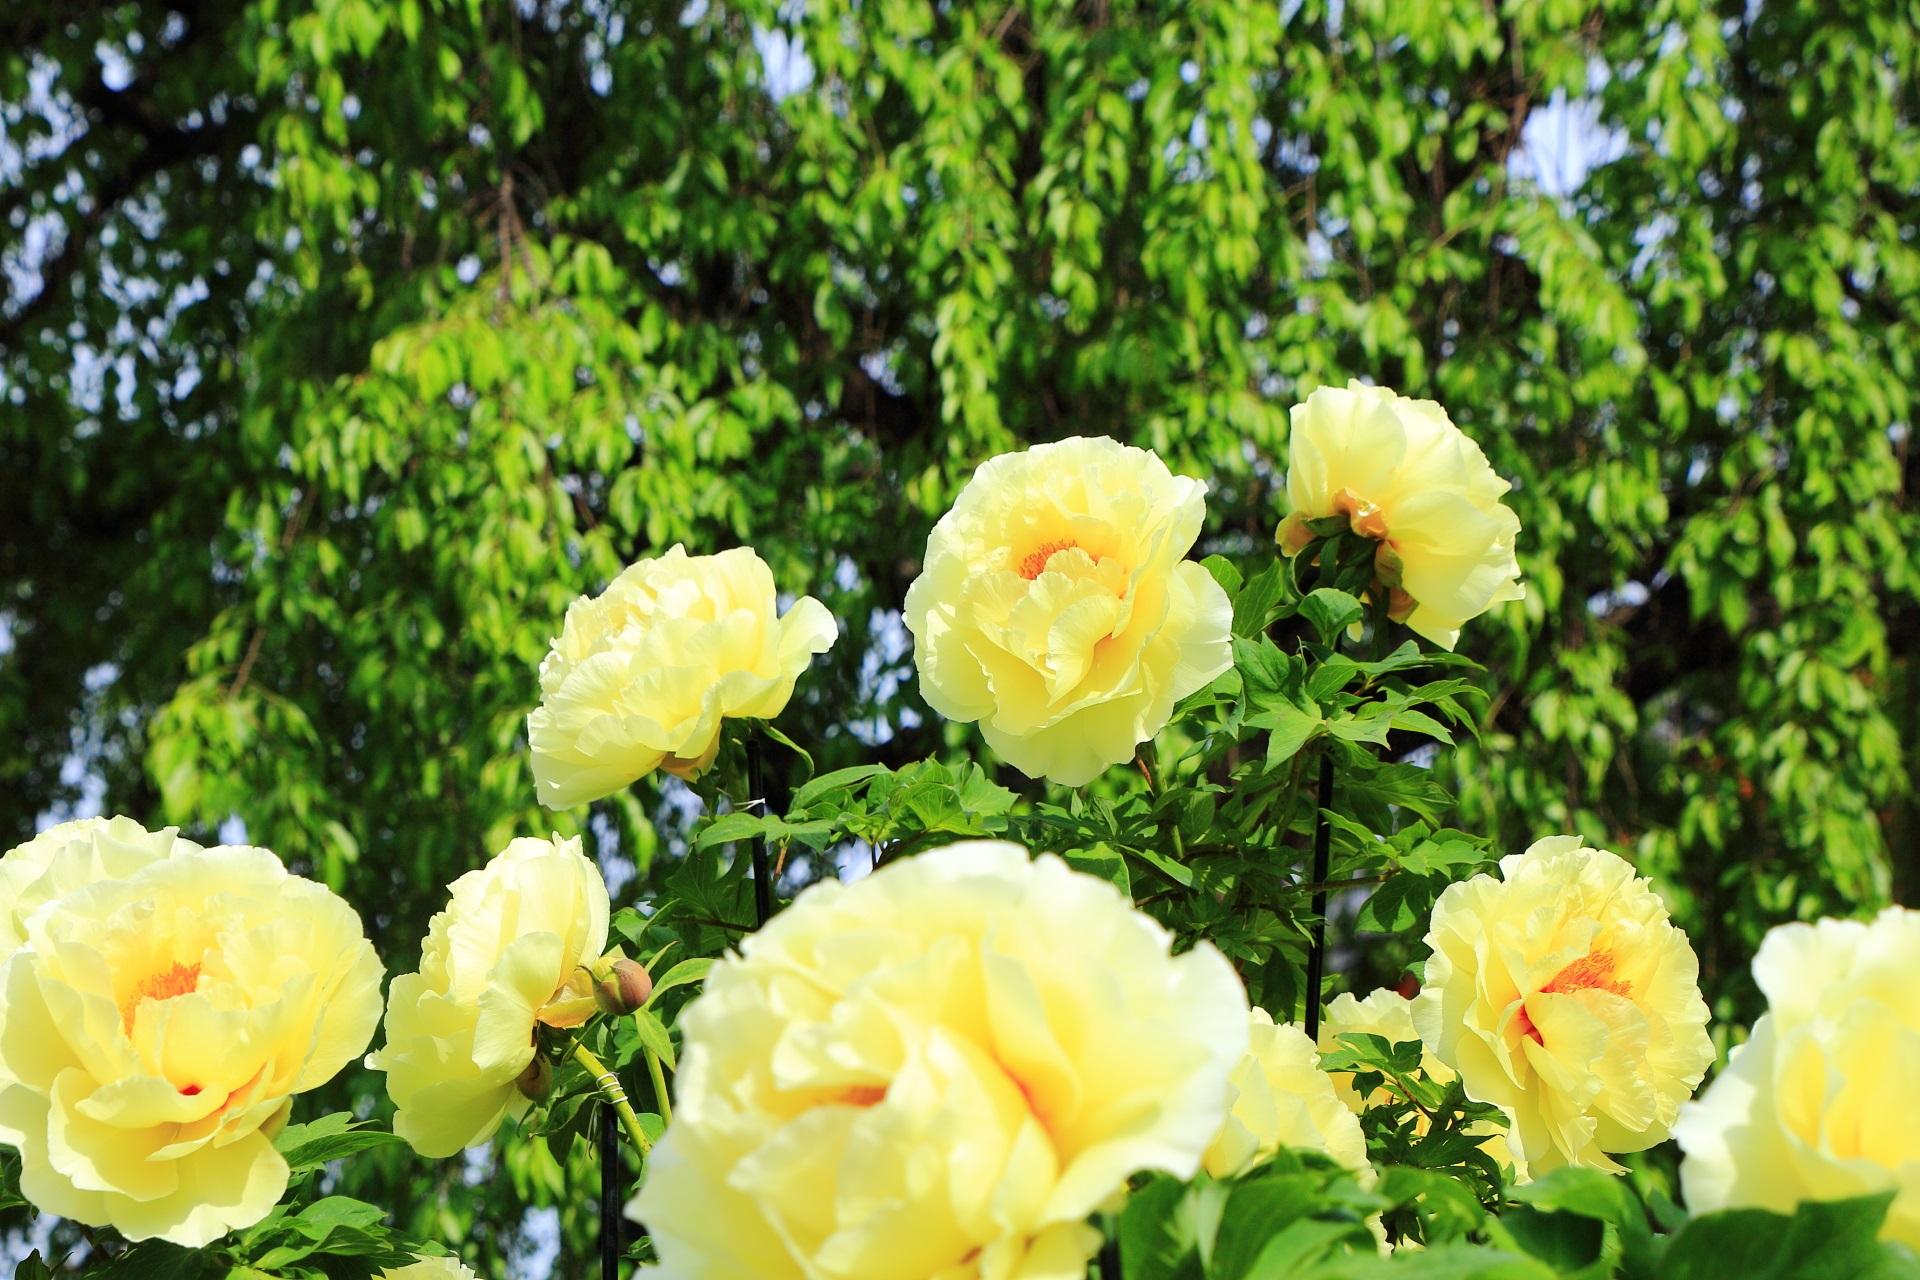 しだれ桜の緑と牡丹の黄色のコントラスト